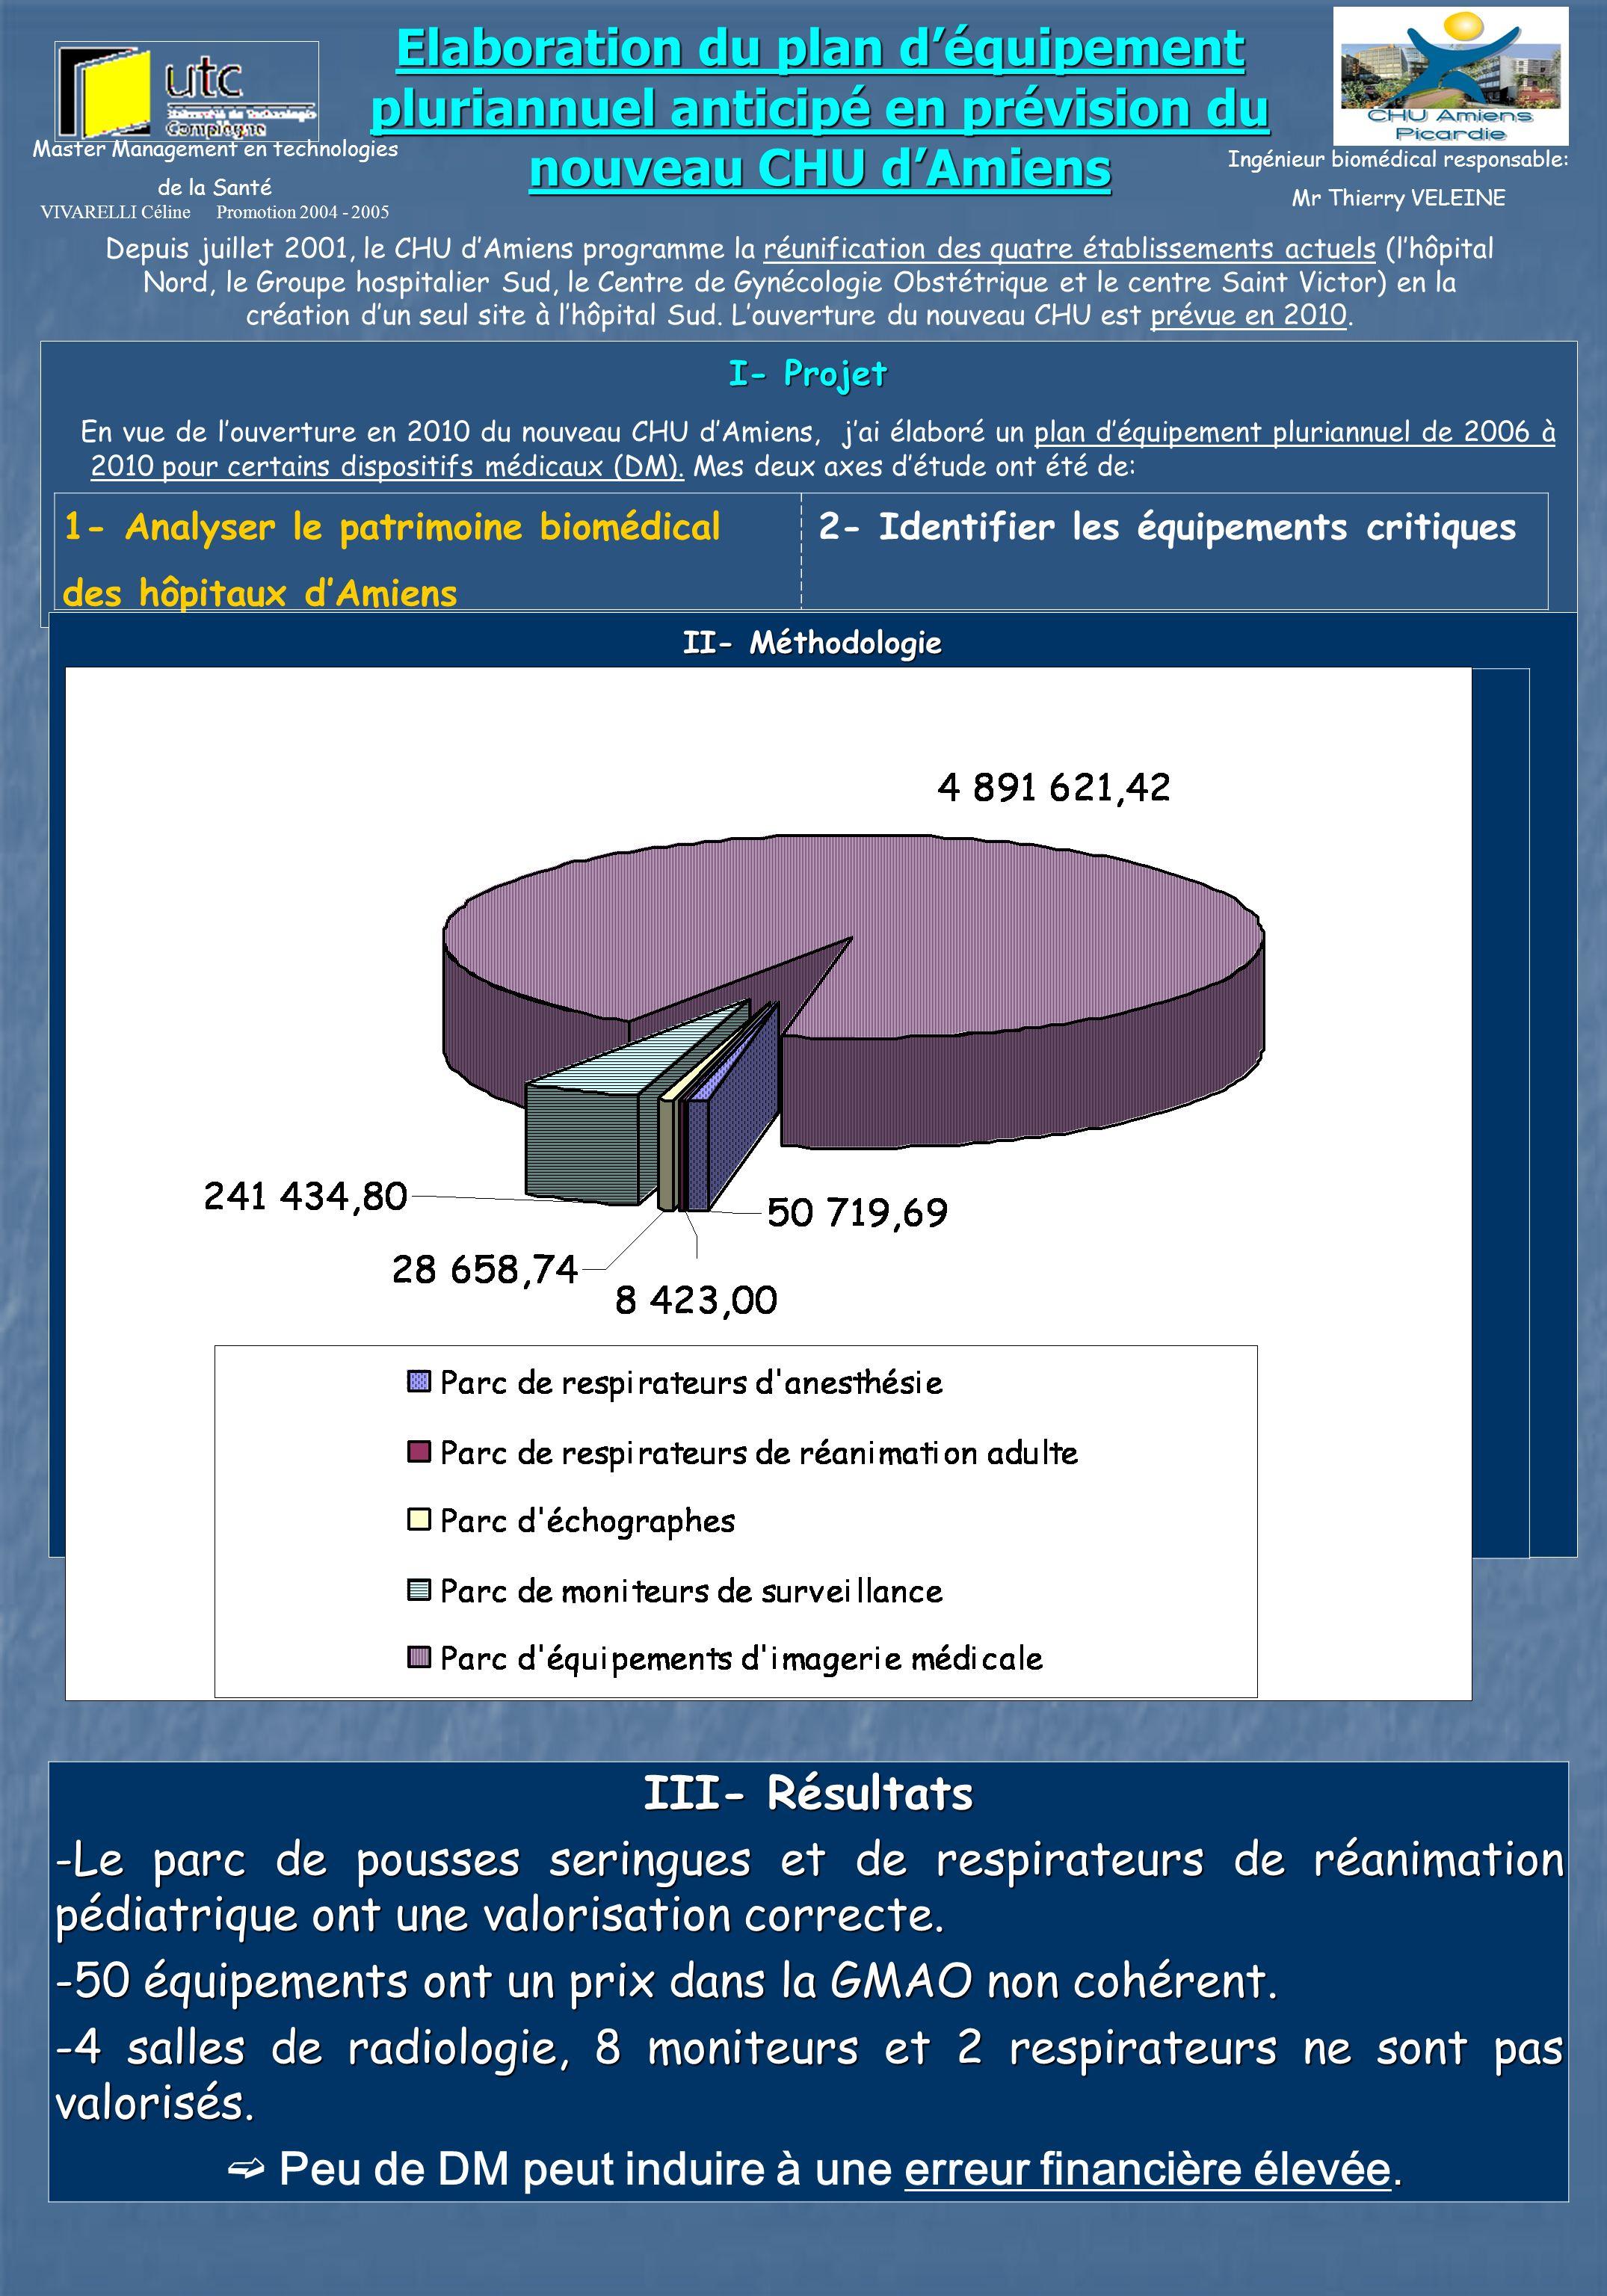 Elaboration du plan d'équipement pluriannuel anticipé en prévision du nouveau CHU d'Amiens